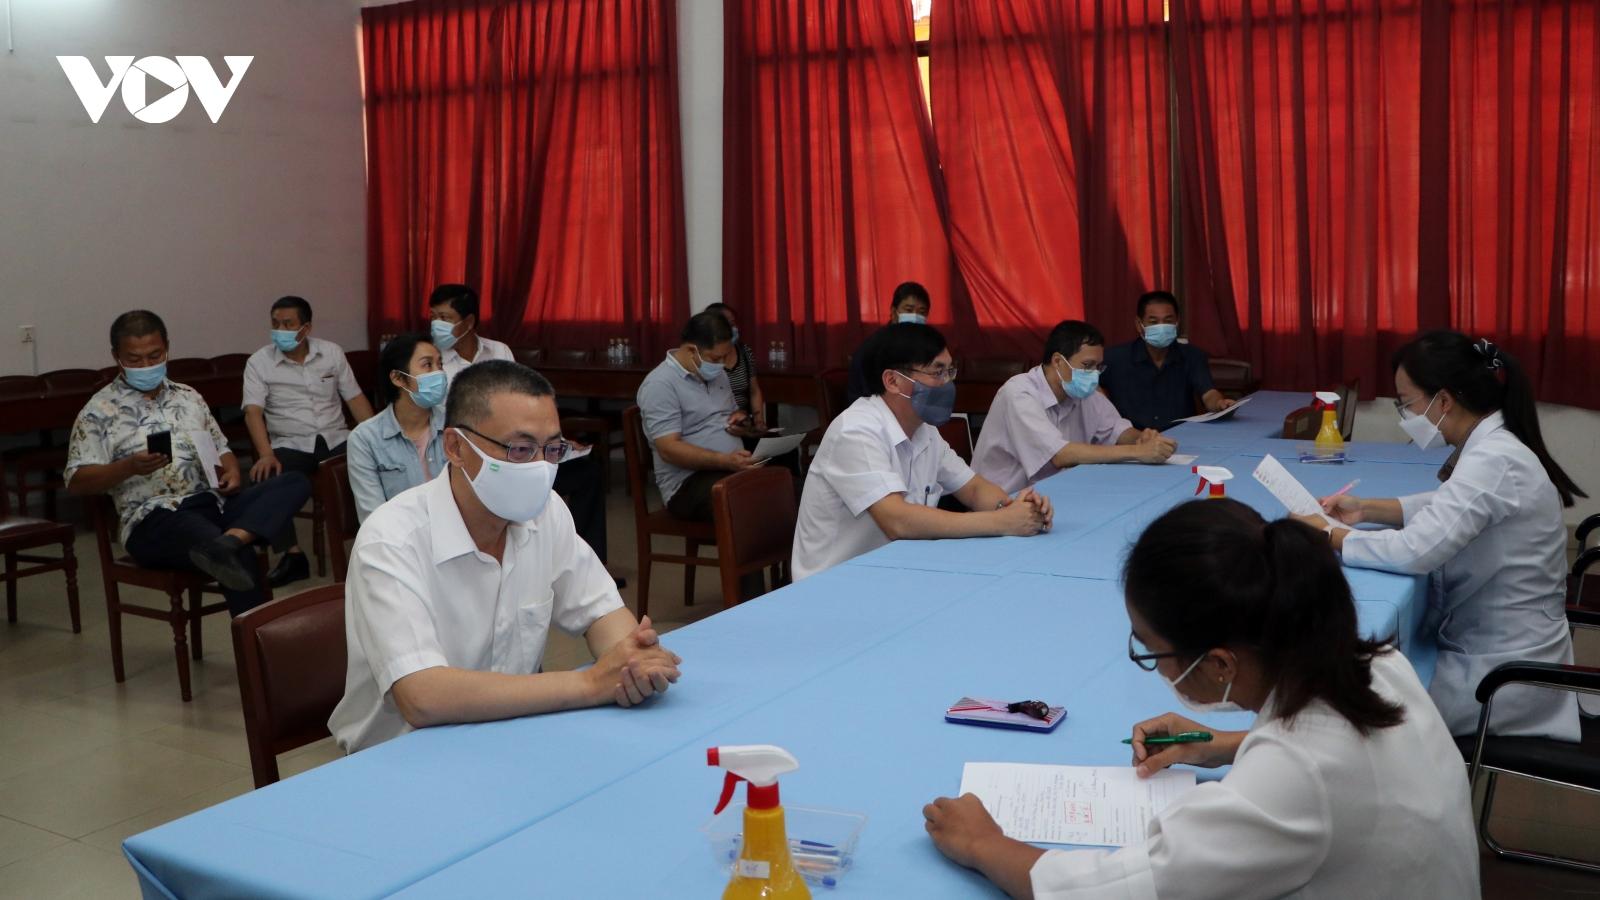 Campuchia tiêm vaccine ngừa Covid-19 cho cán bộ ngoại giao